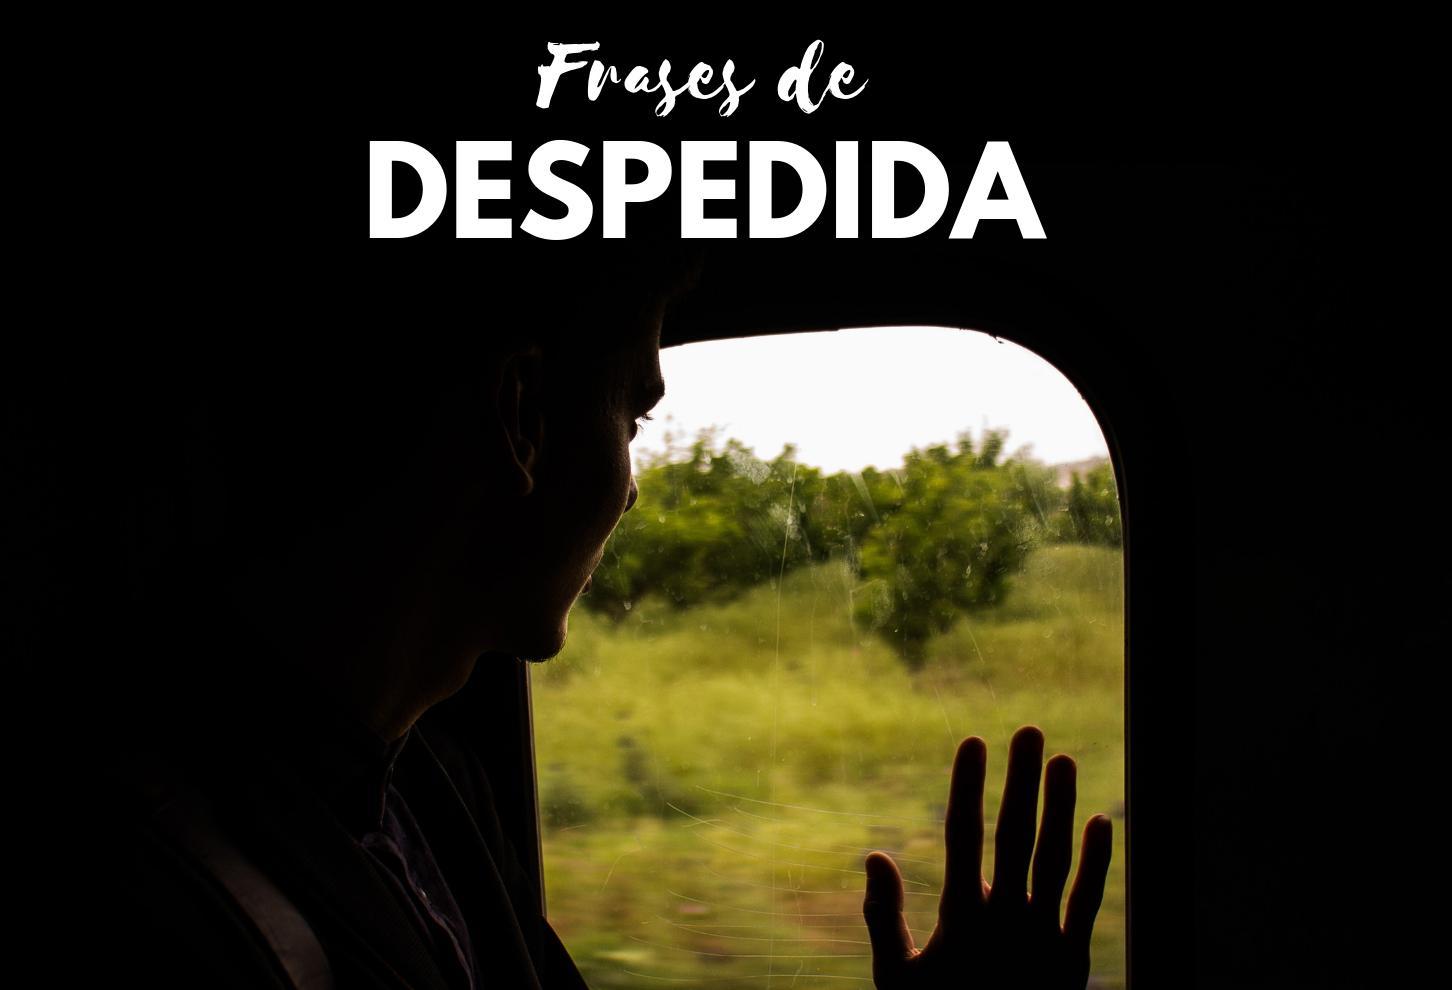 100 Frases De Despedida Para Decir Adiós Bonitas Y Emotivas